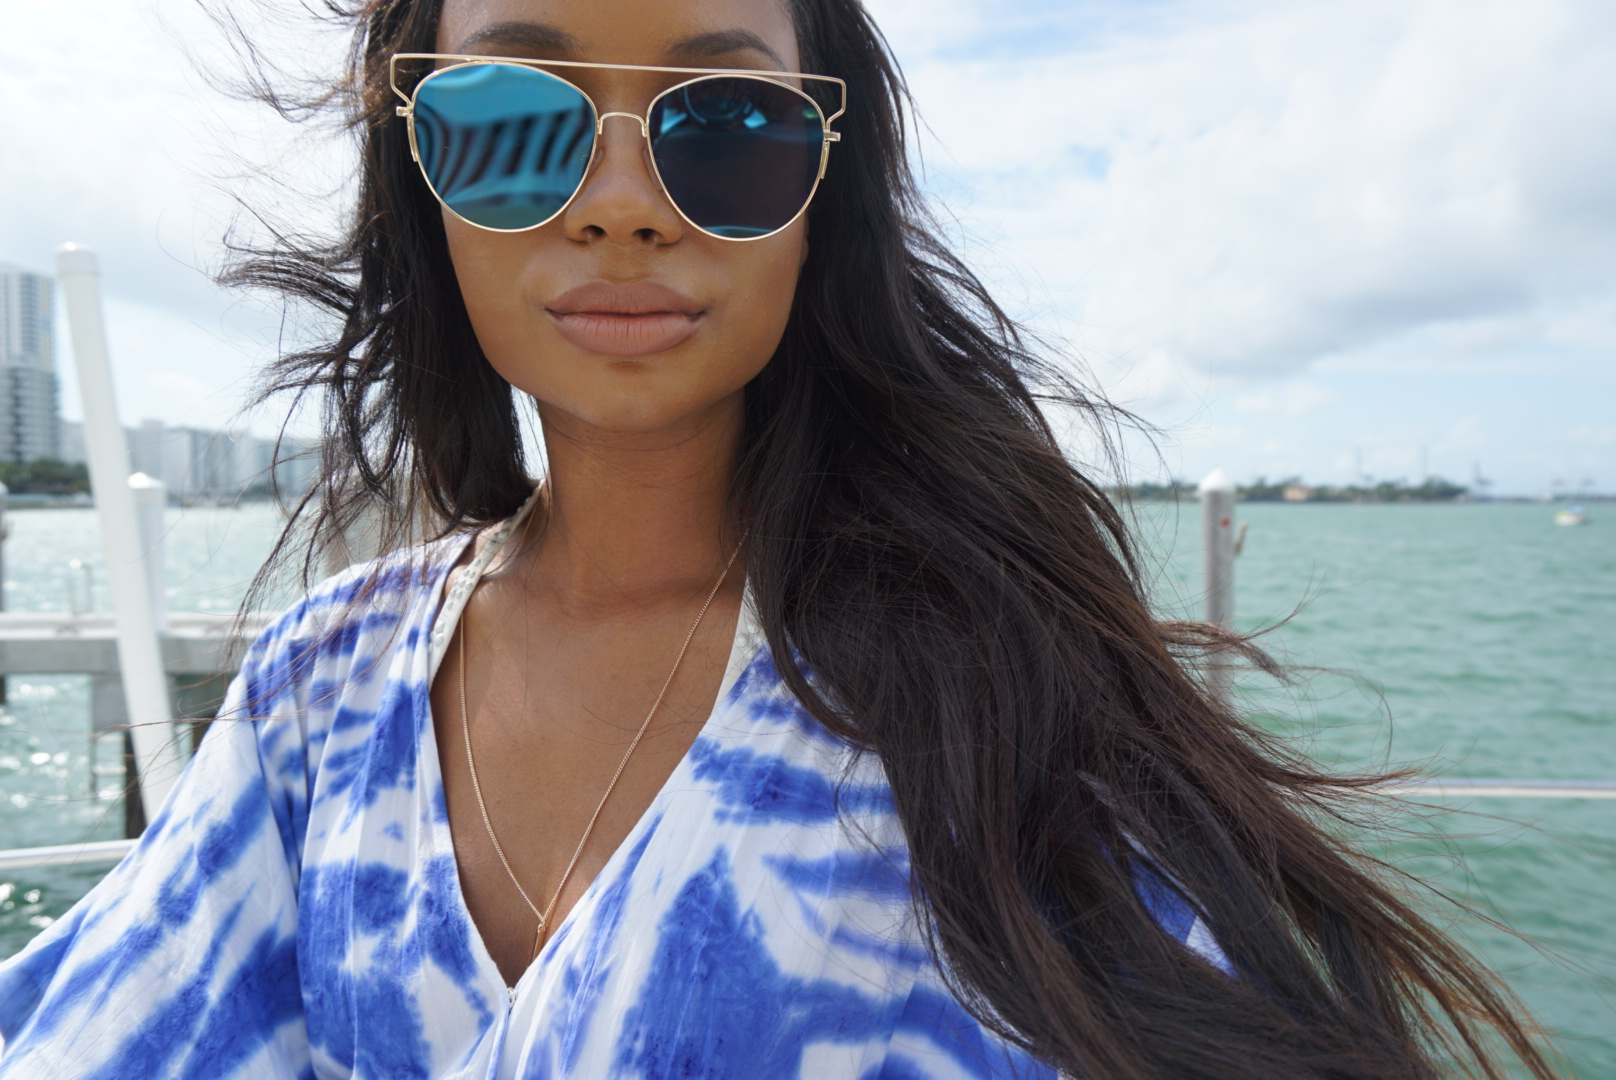 Sunglasses from Aldo.com